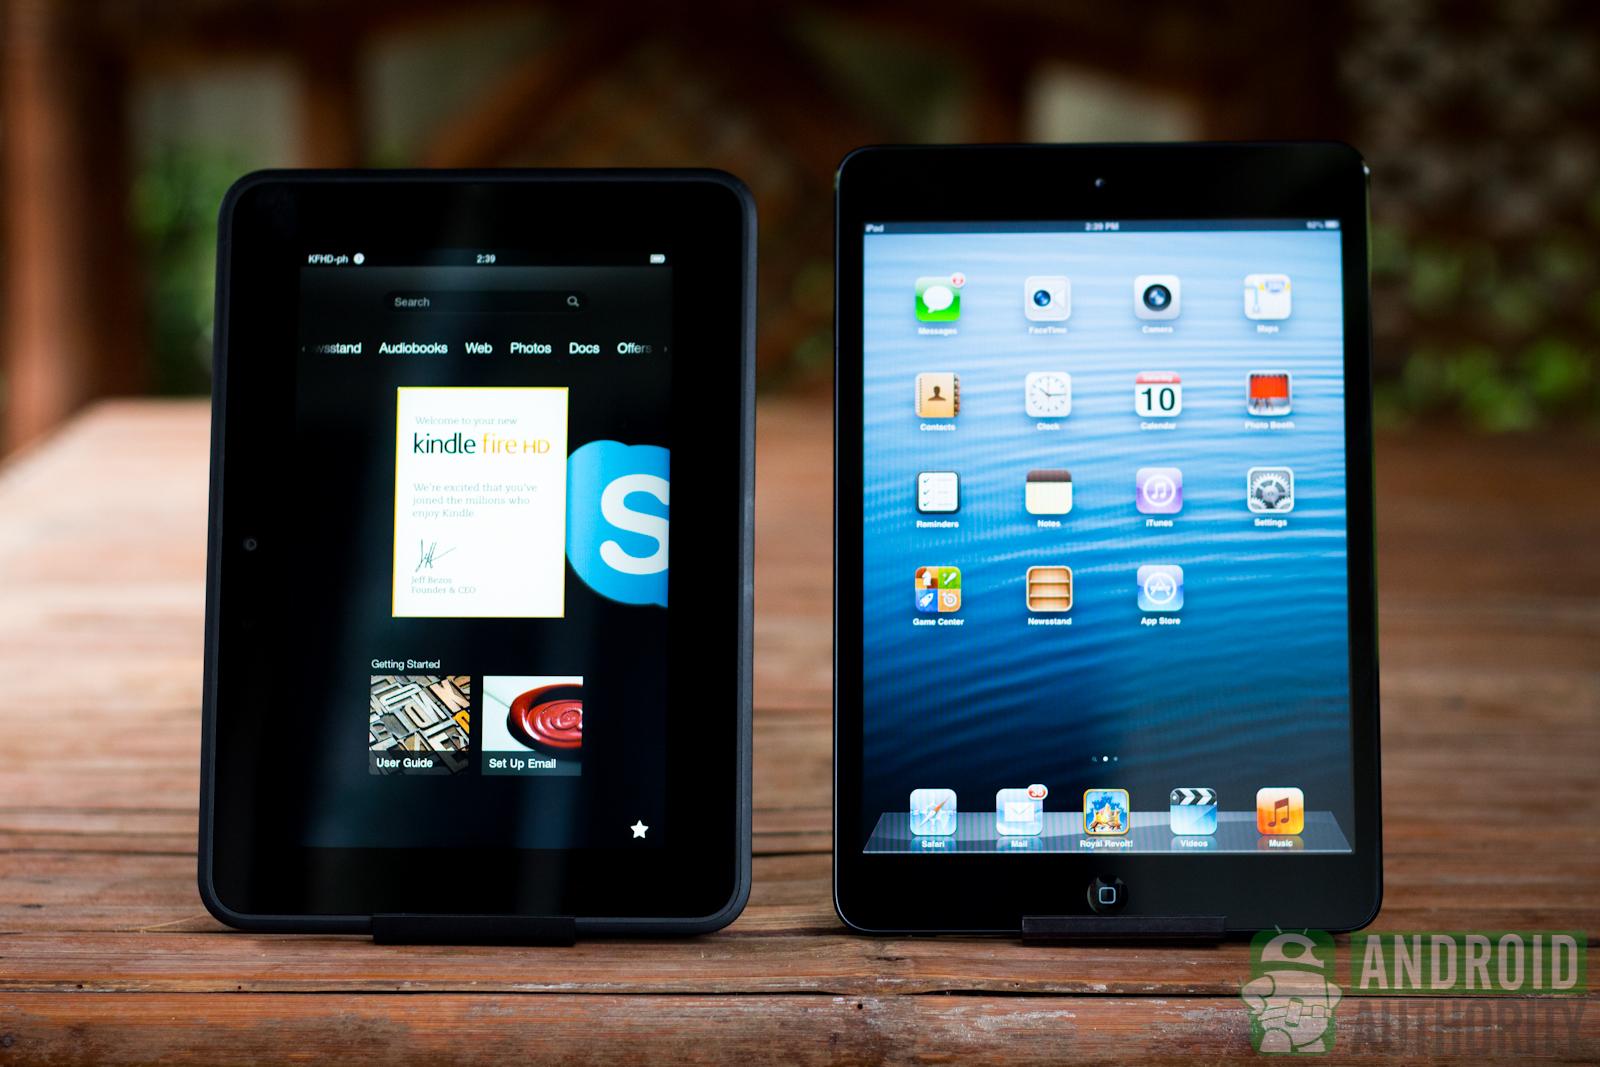 Apple iPad mini vs Amazon Kindle Fire HD